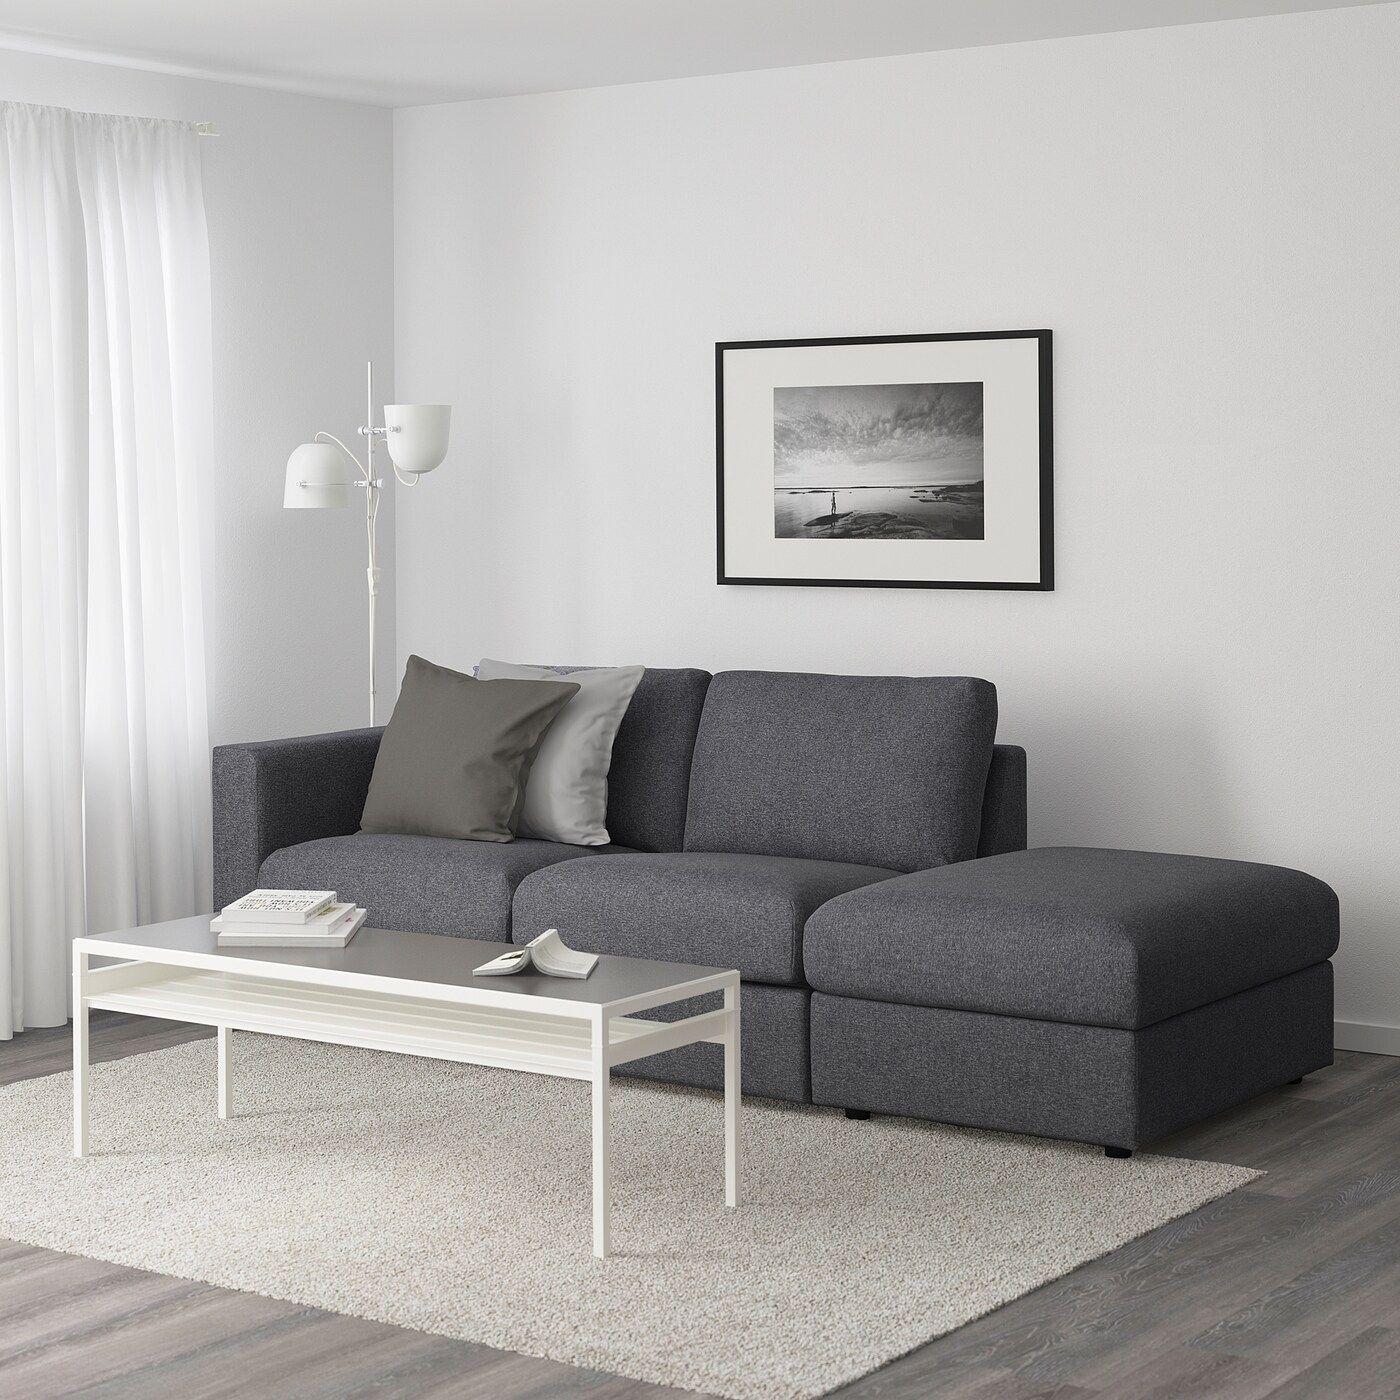 VIMLE 12er Sofa   ohne Abschluss/Gunnared mittelgrau   IKEA ...